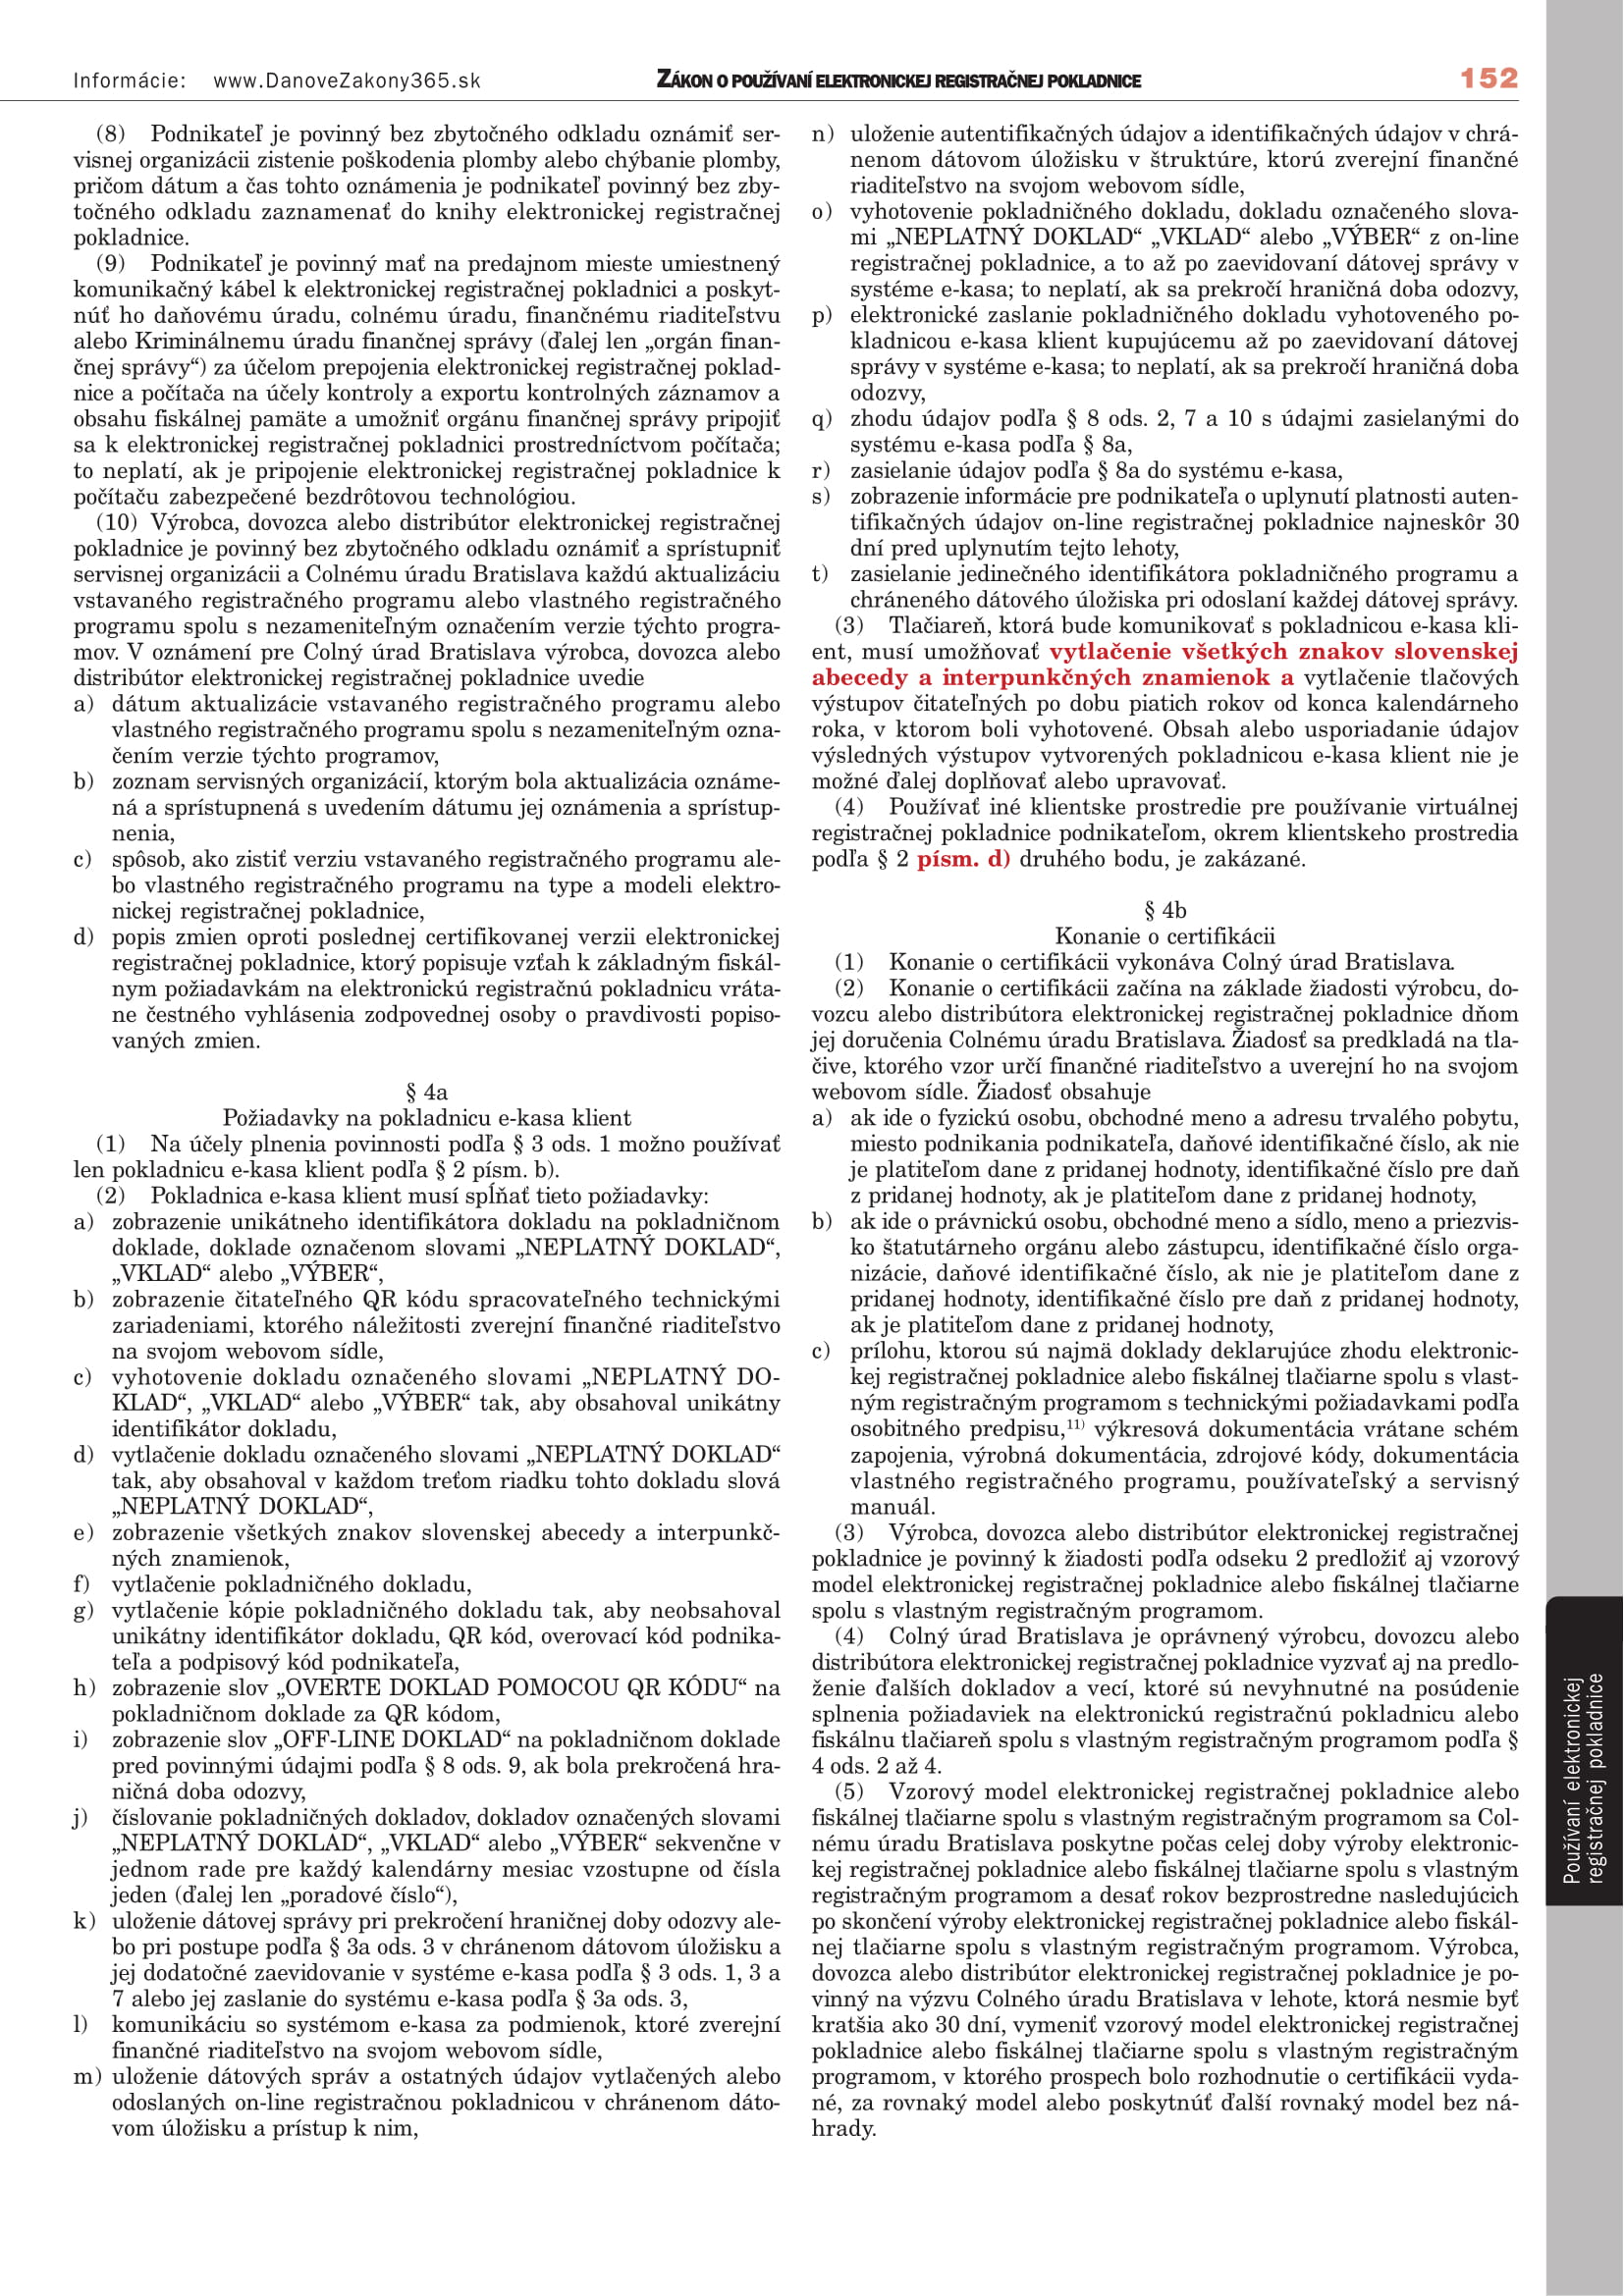 alto_zakon_o_registracnych_pokladniach_2019_po_jednej_stranane-07